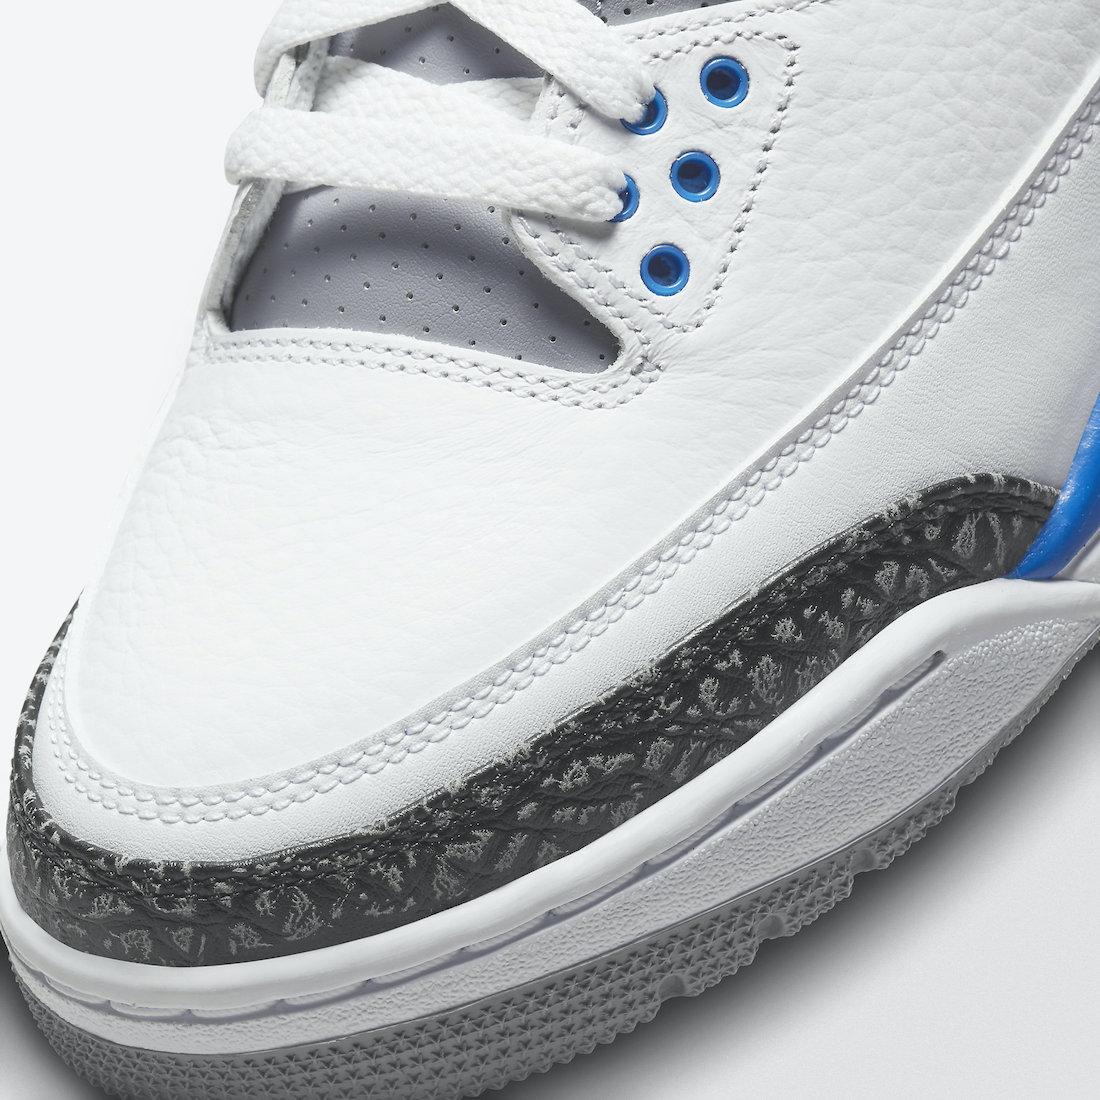 Air-Jordan-3-Racer-Blue-CT8532-145-Release-Date-Price-6